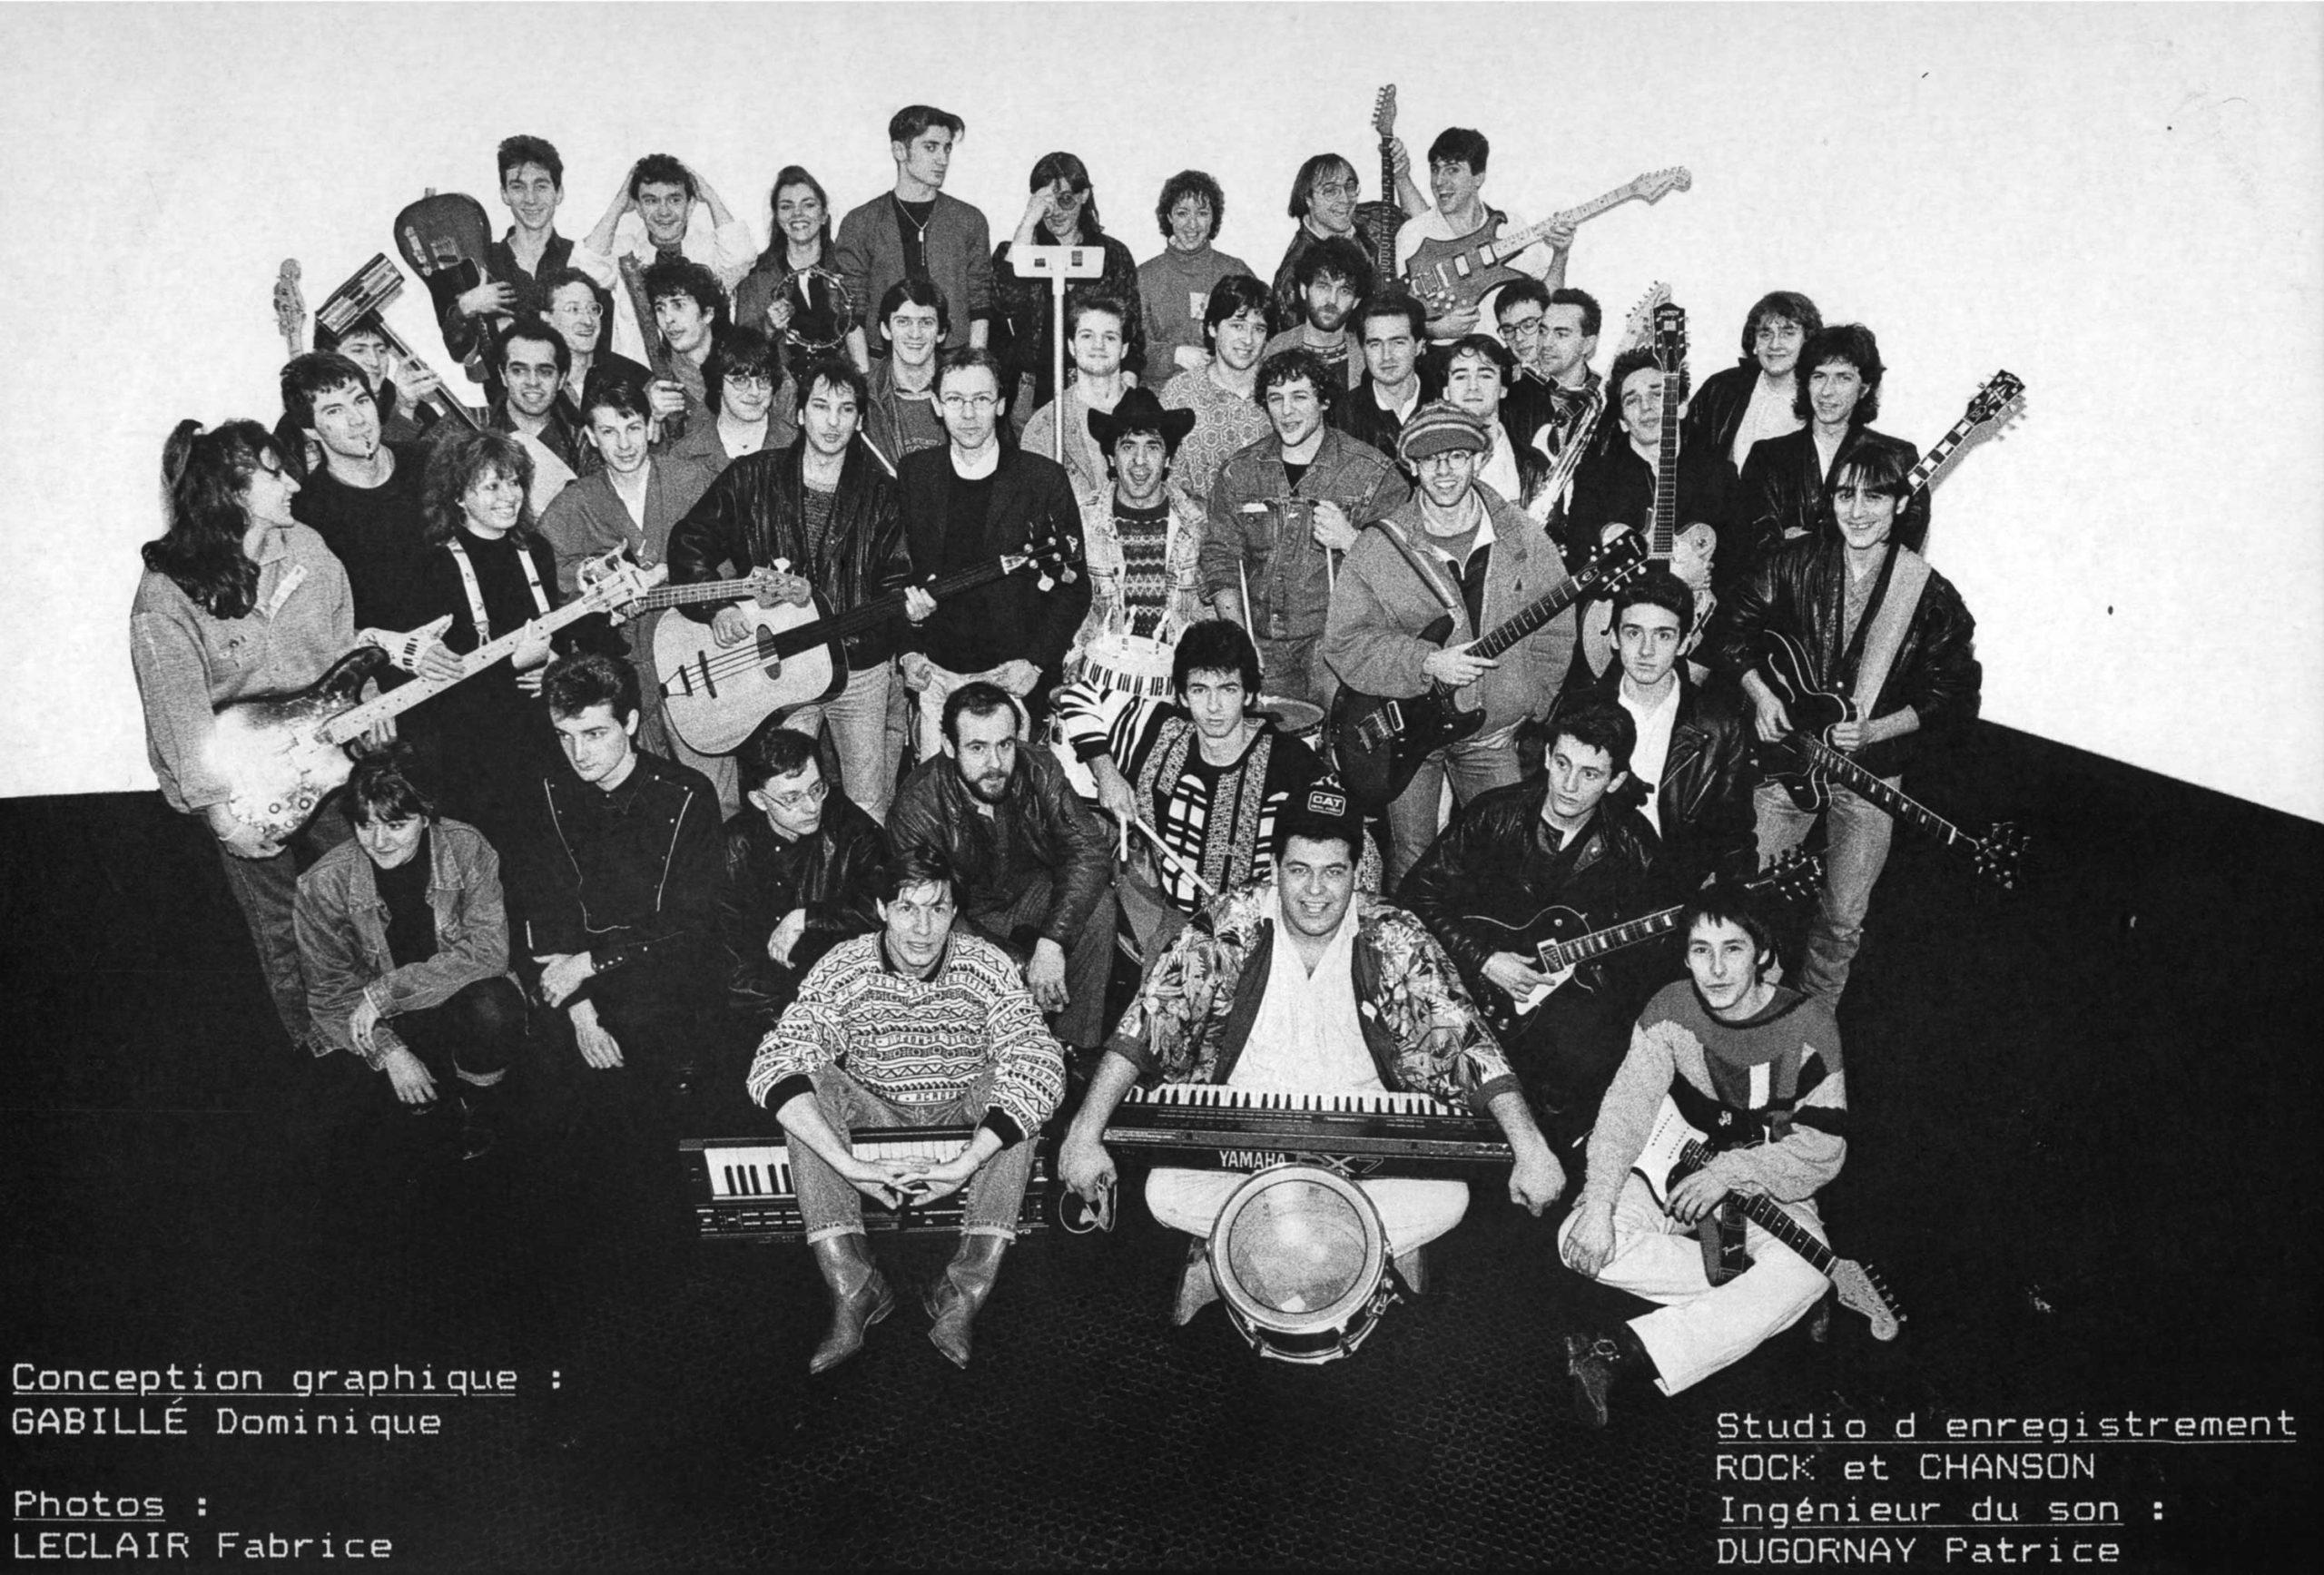 1987 : enregistrement et sortie de la 1ère compilation Rock et Chanson, reflet de cette envie de toute une communauté de musiciens de jouer et réaliser ensemble des projets. <br>Patrice Dugornay y enregistre une dizaine de groupes répétant à Rock et Chanson.